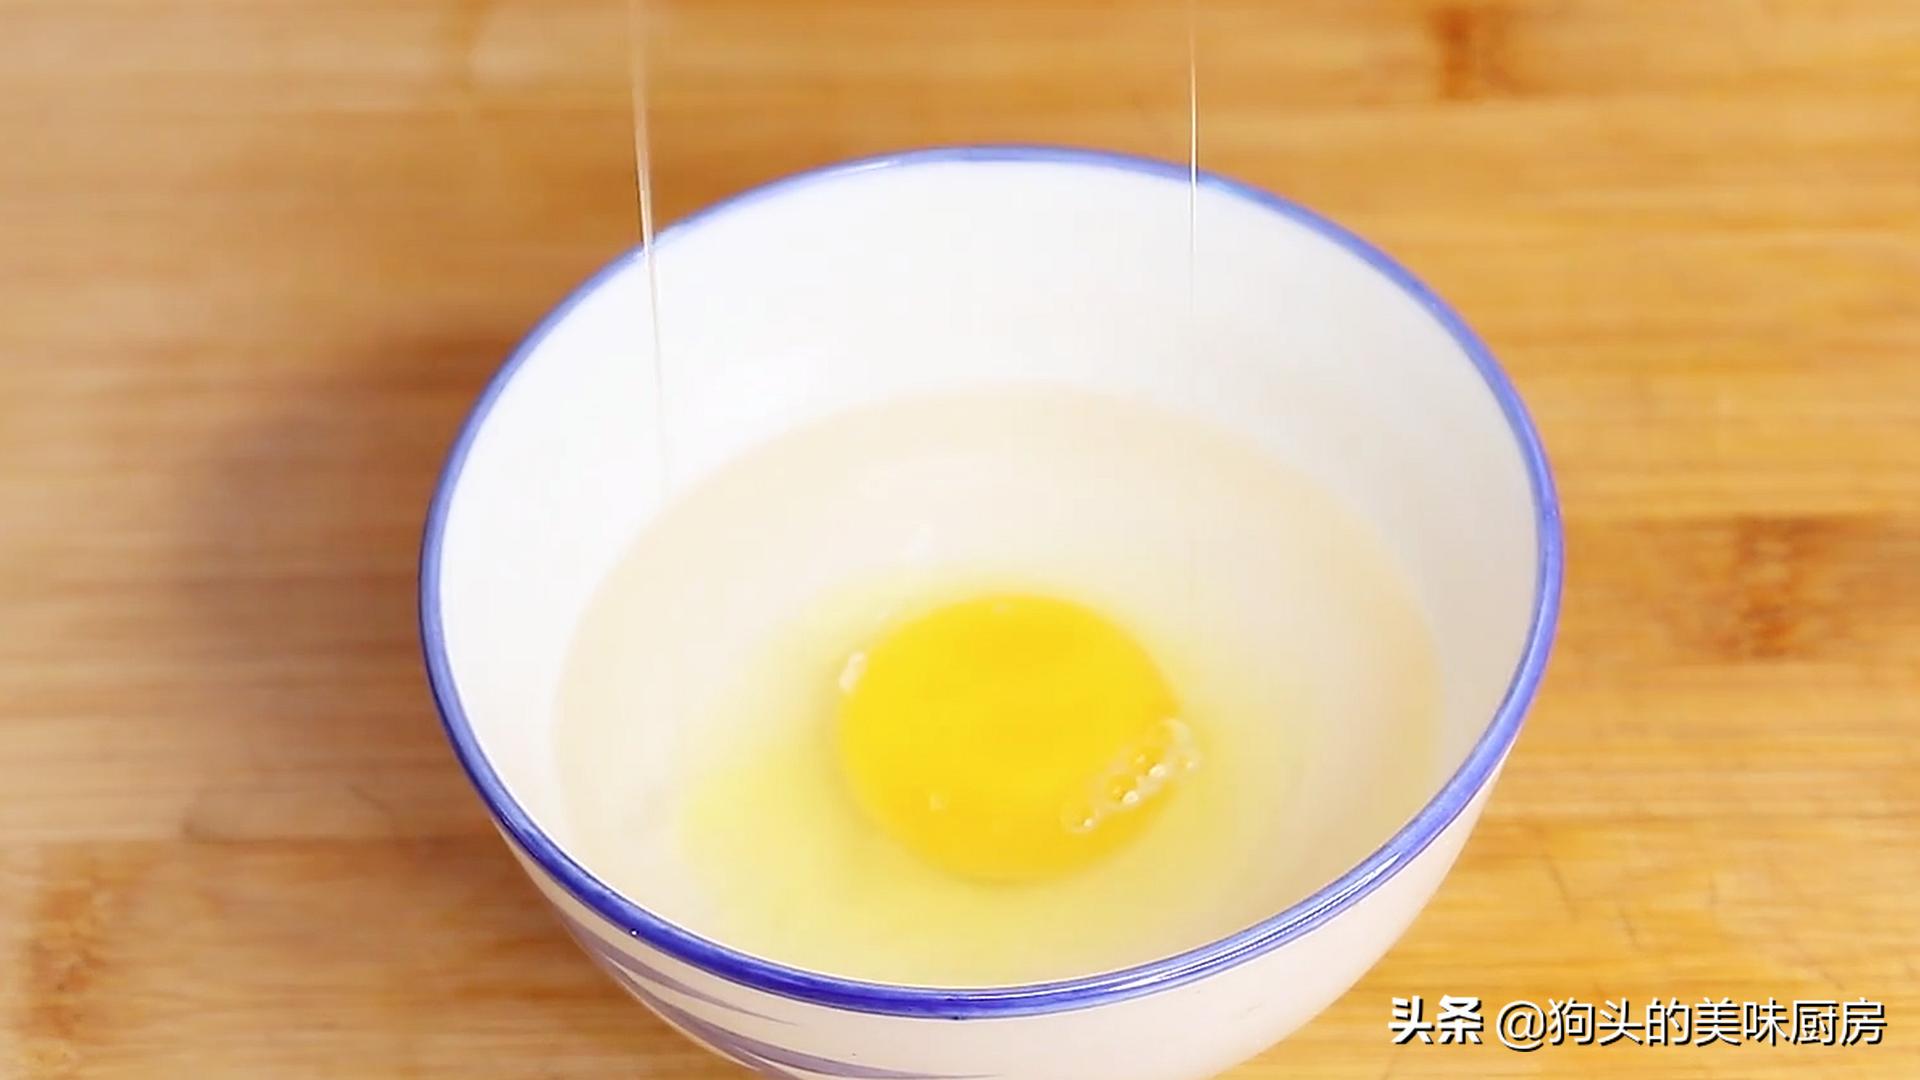 婆婆做的荷包蛋圆润不散,看了做法后,才知道方法用得不对 美食做法 第5张